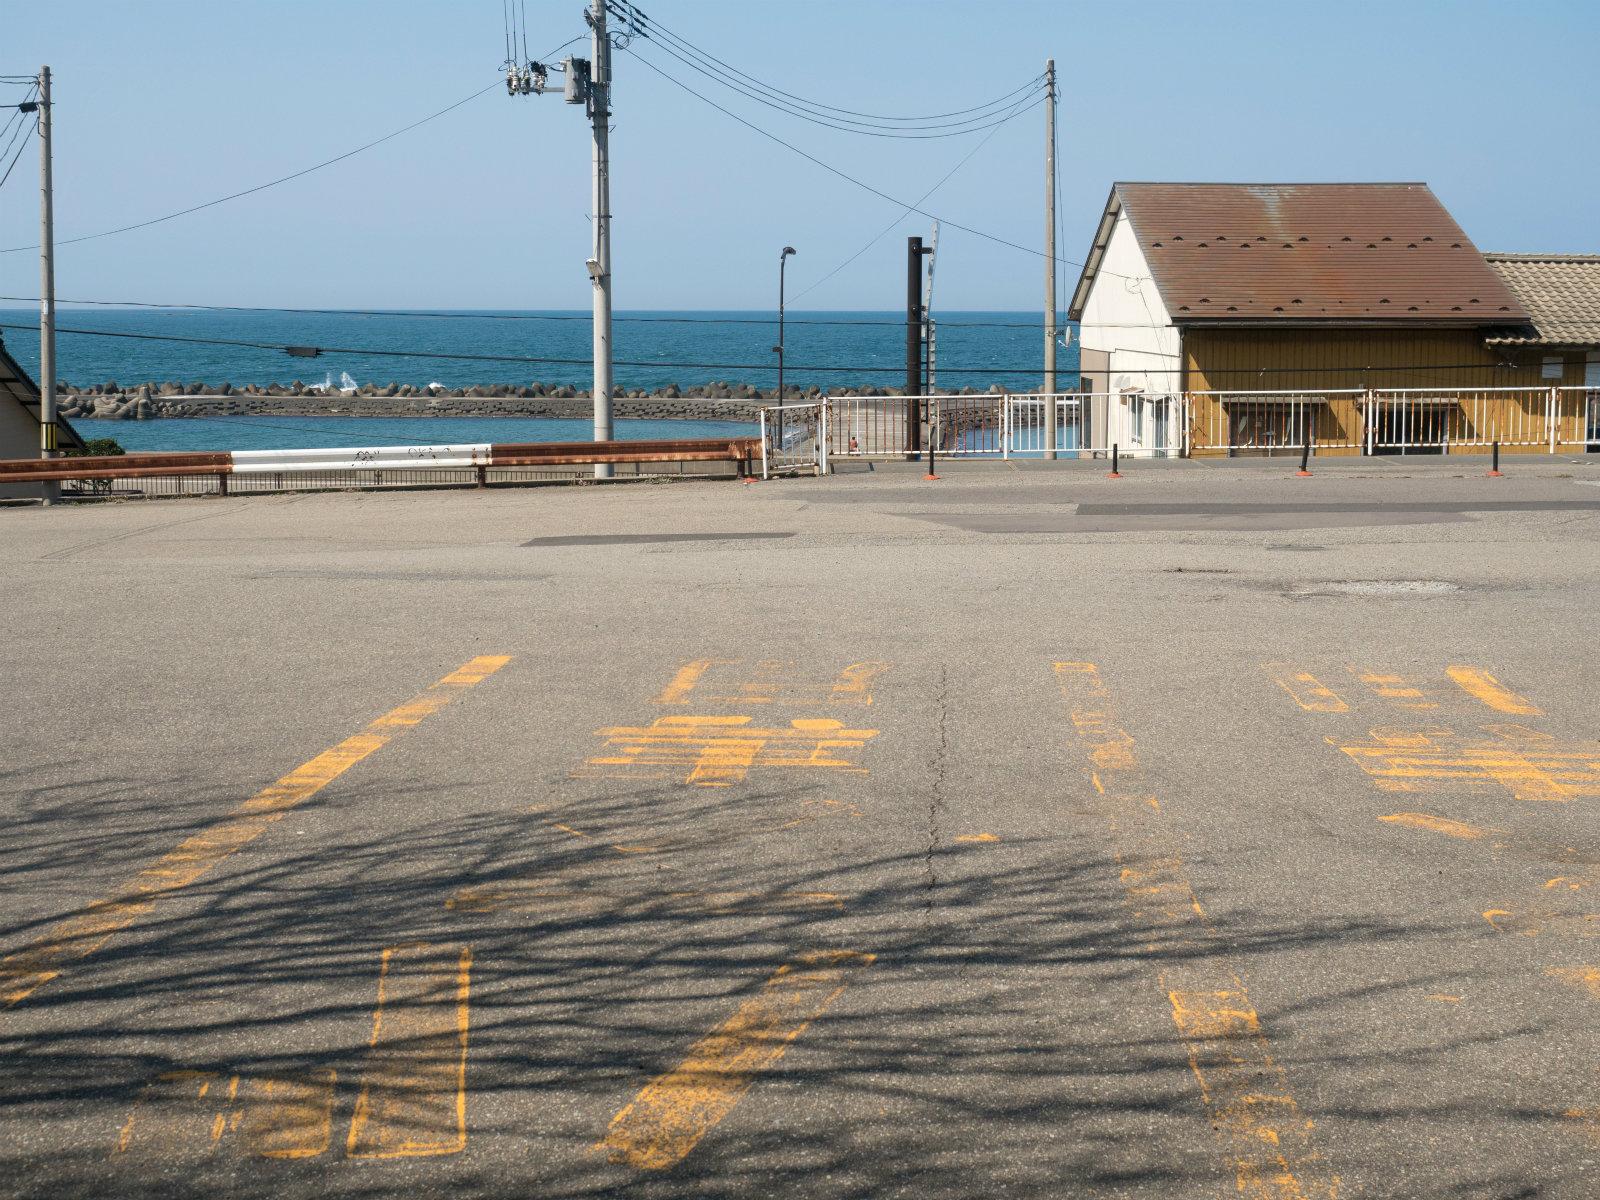 あつみ温泉駅から見た日本海